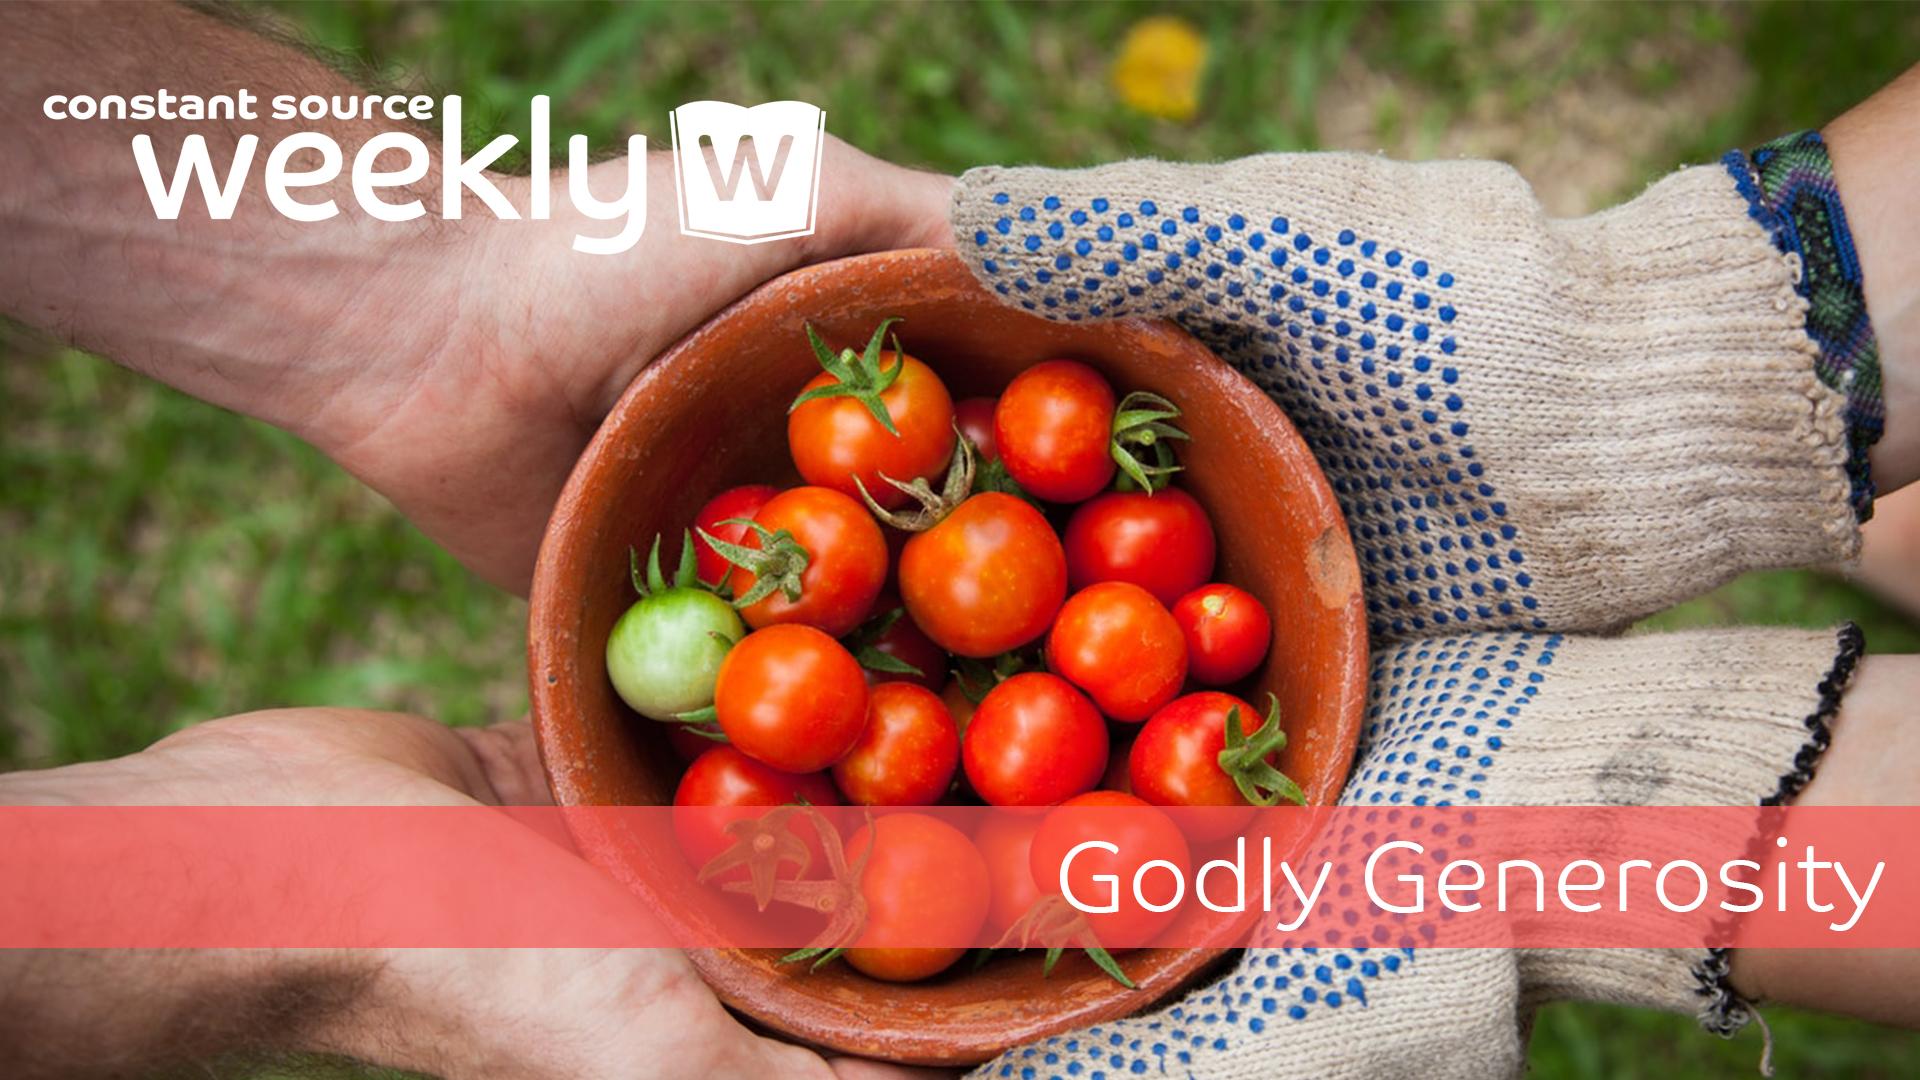 Godly Generosity.jpg